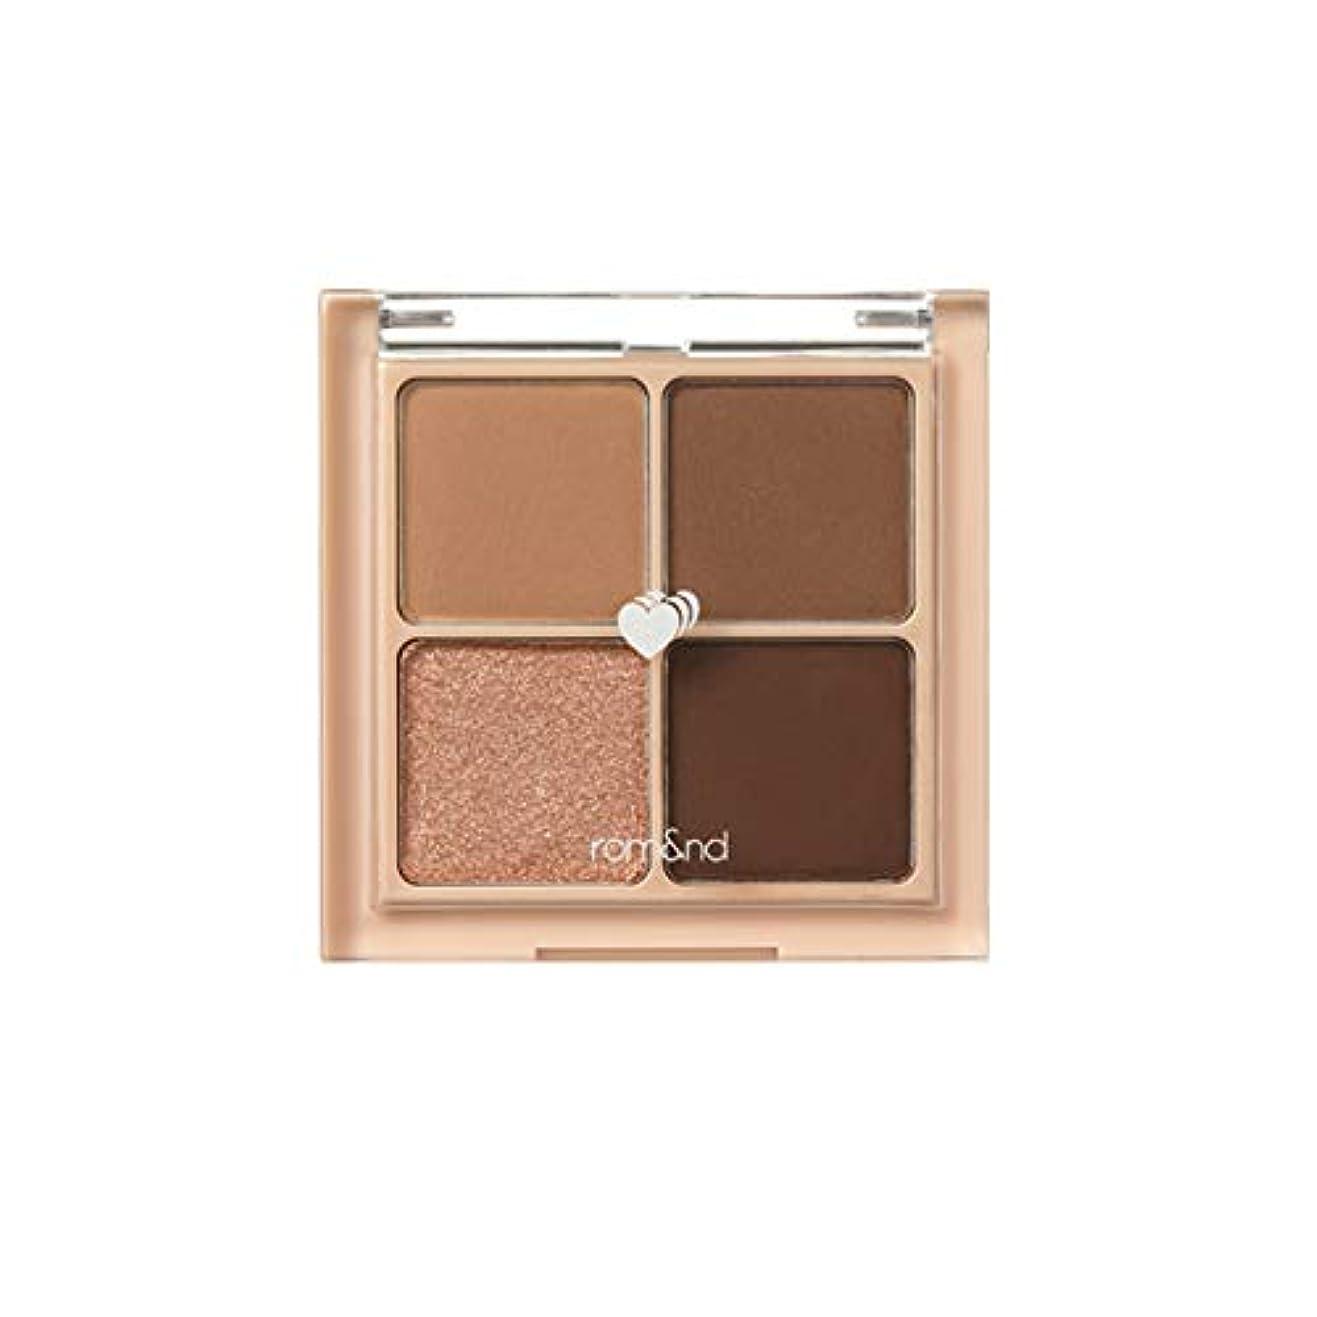 存在したい棚rom&nd BETTER THAN EYES Eyeshadow Palette 4色のアイシャドウパレット # 3 DRY ragras(並行輸入品)